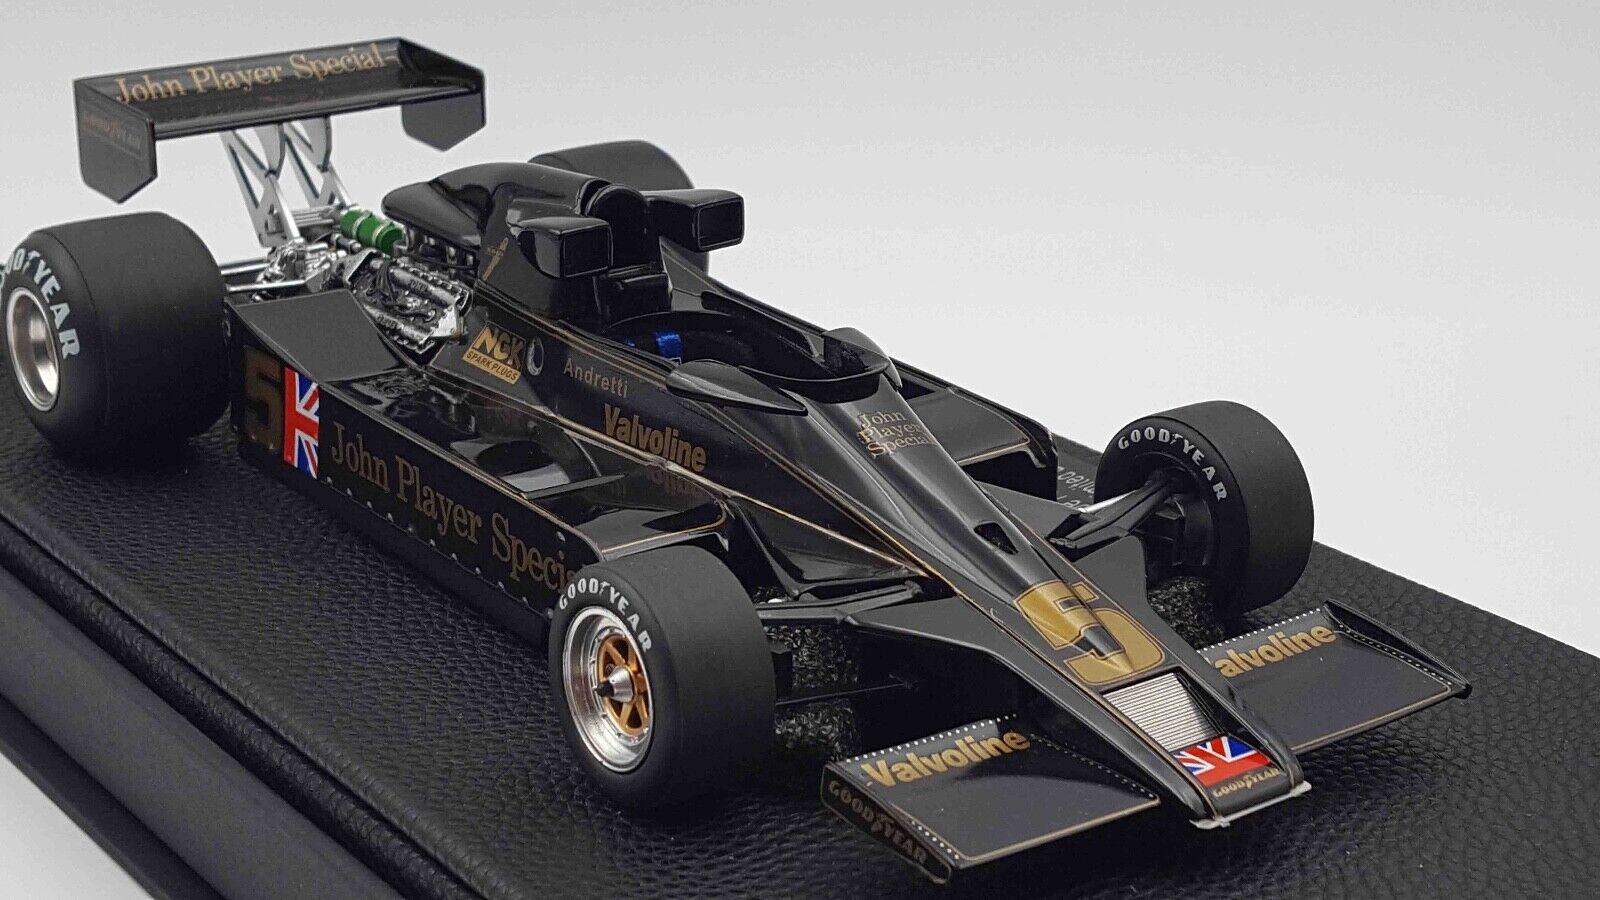 GP REPLICA FRAMTID 65533;SKAP GP007A 1 18 1977 LOUS 78 MARIO ANDRETTI Formula 1 modellL CAR